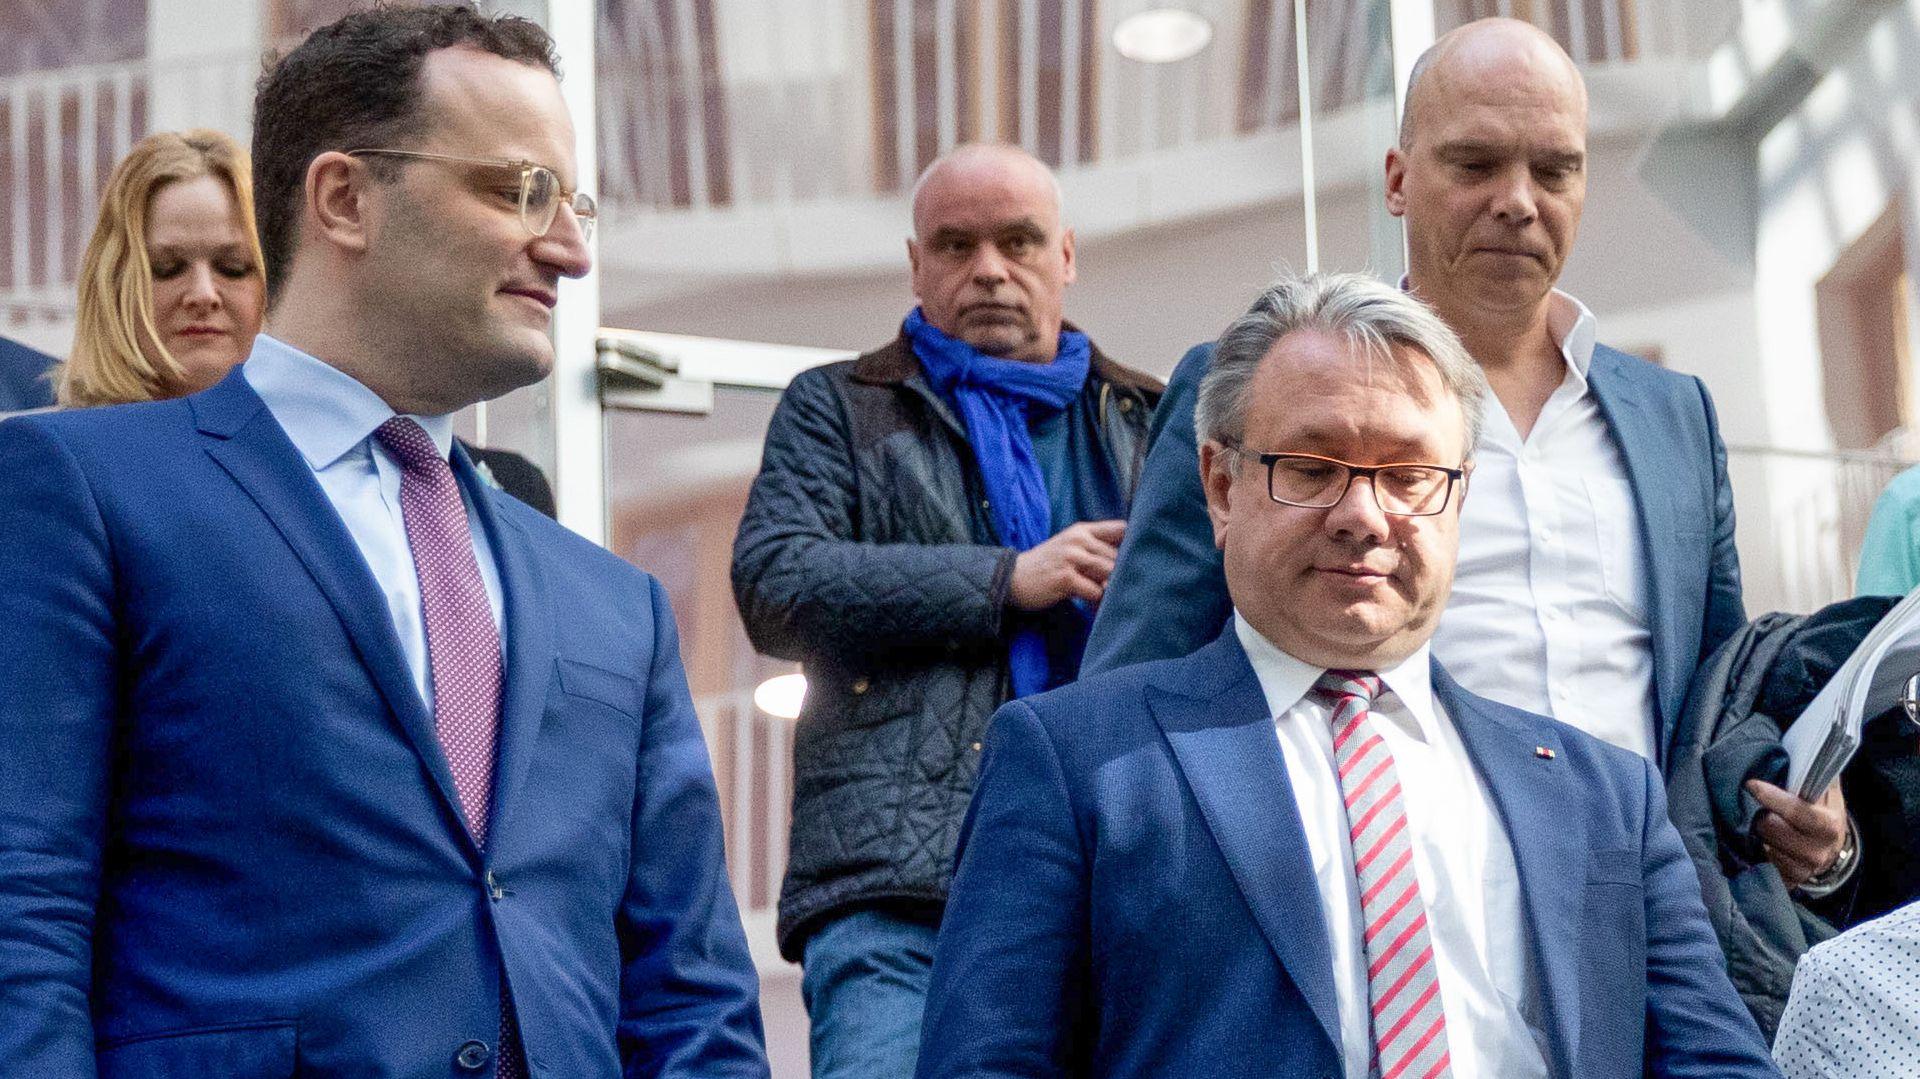 Jens Spahn (l.) und Georg Nüsslein (rechts vorne) bei einem Termin im April 2019